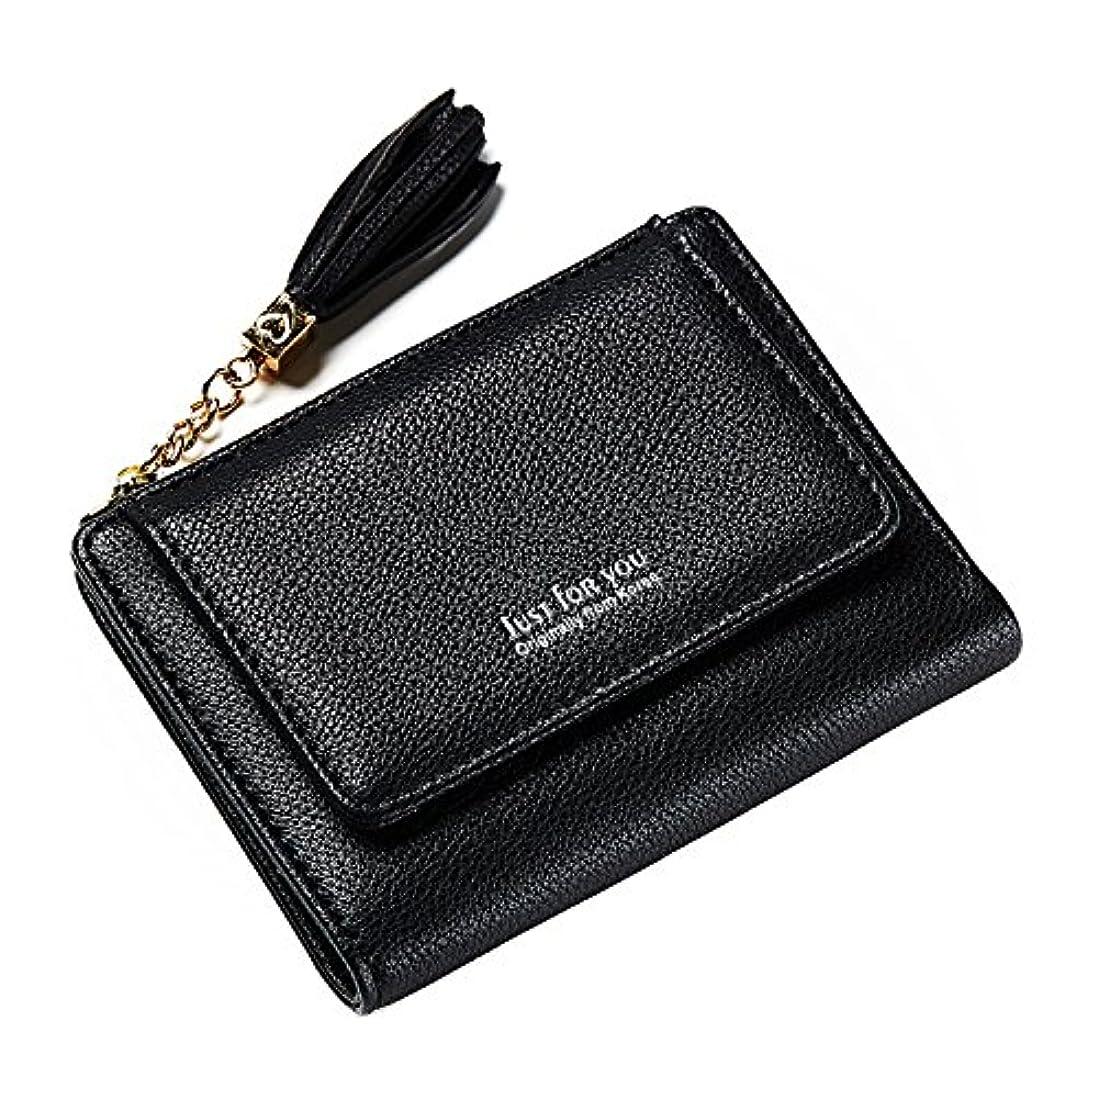 画面抵抗する明るいTcIFE ミニ財布 レディース 二つ折り 人気 小さい二つ折り財布 がま口小銭入れ 女性用 友達 家族にプレゼント